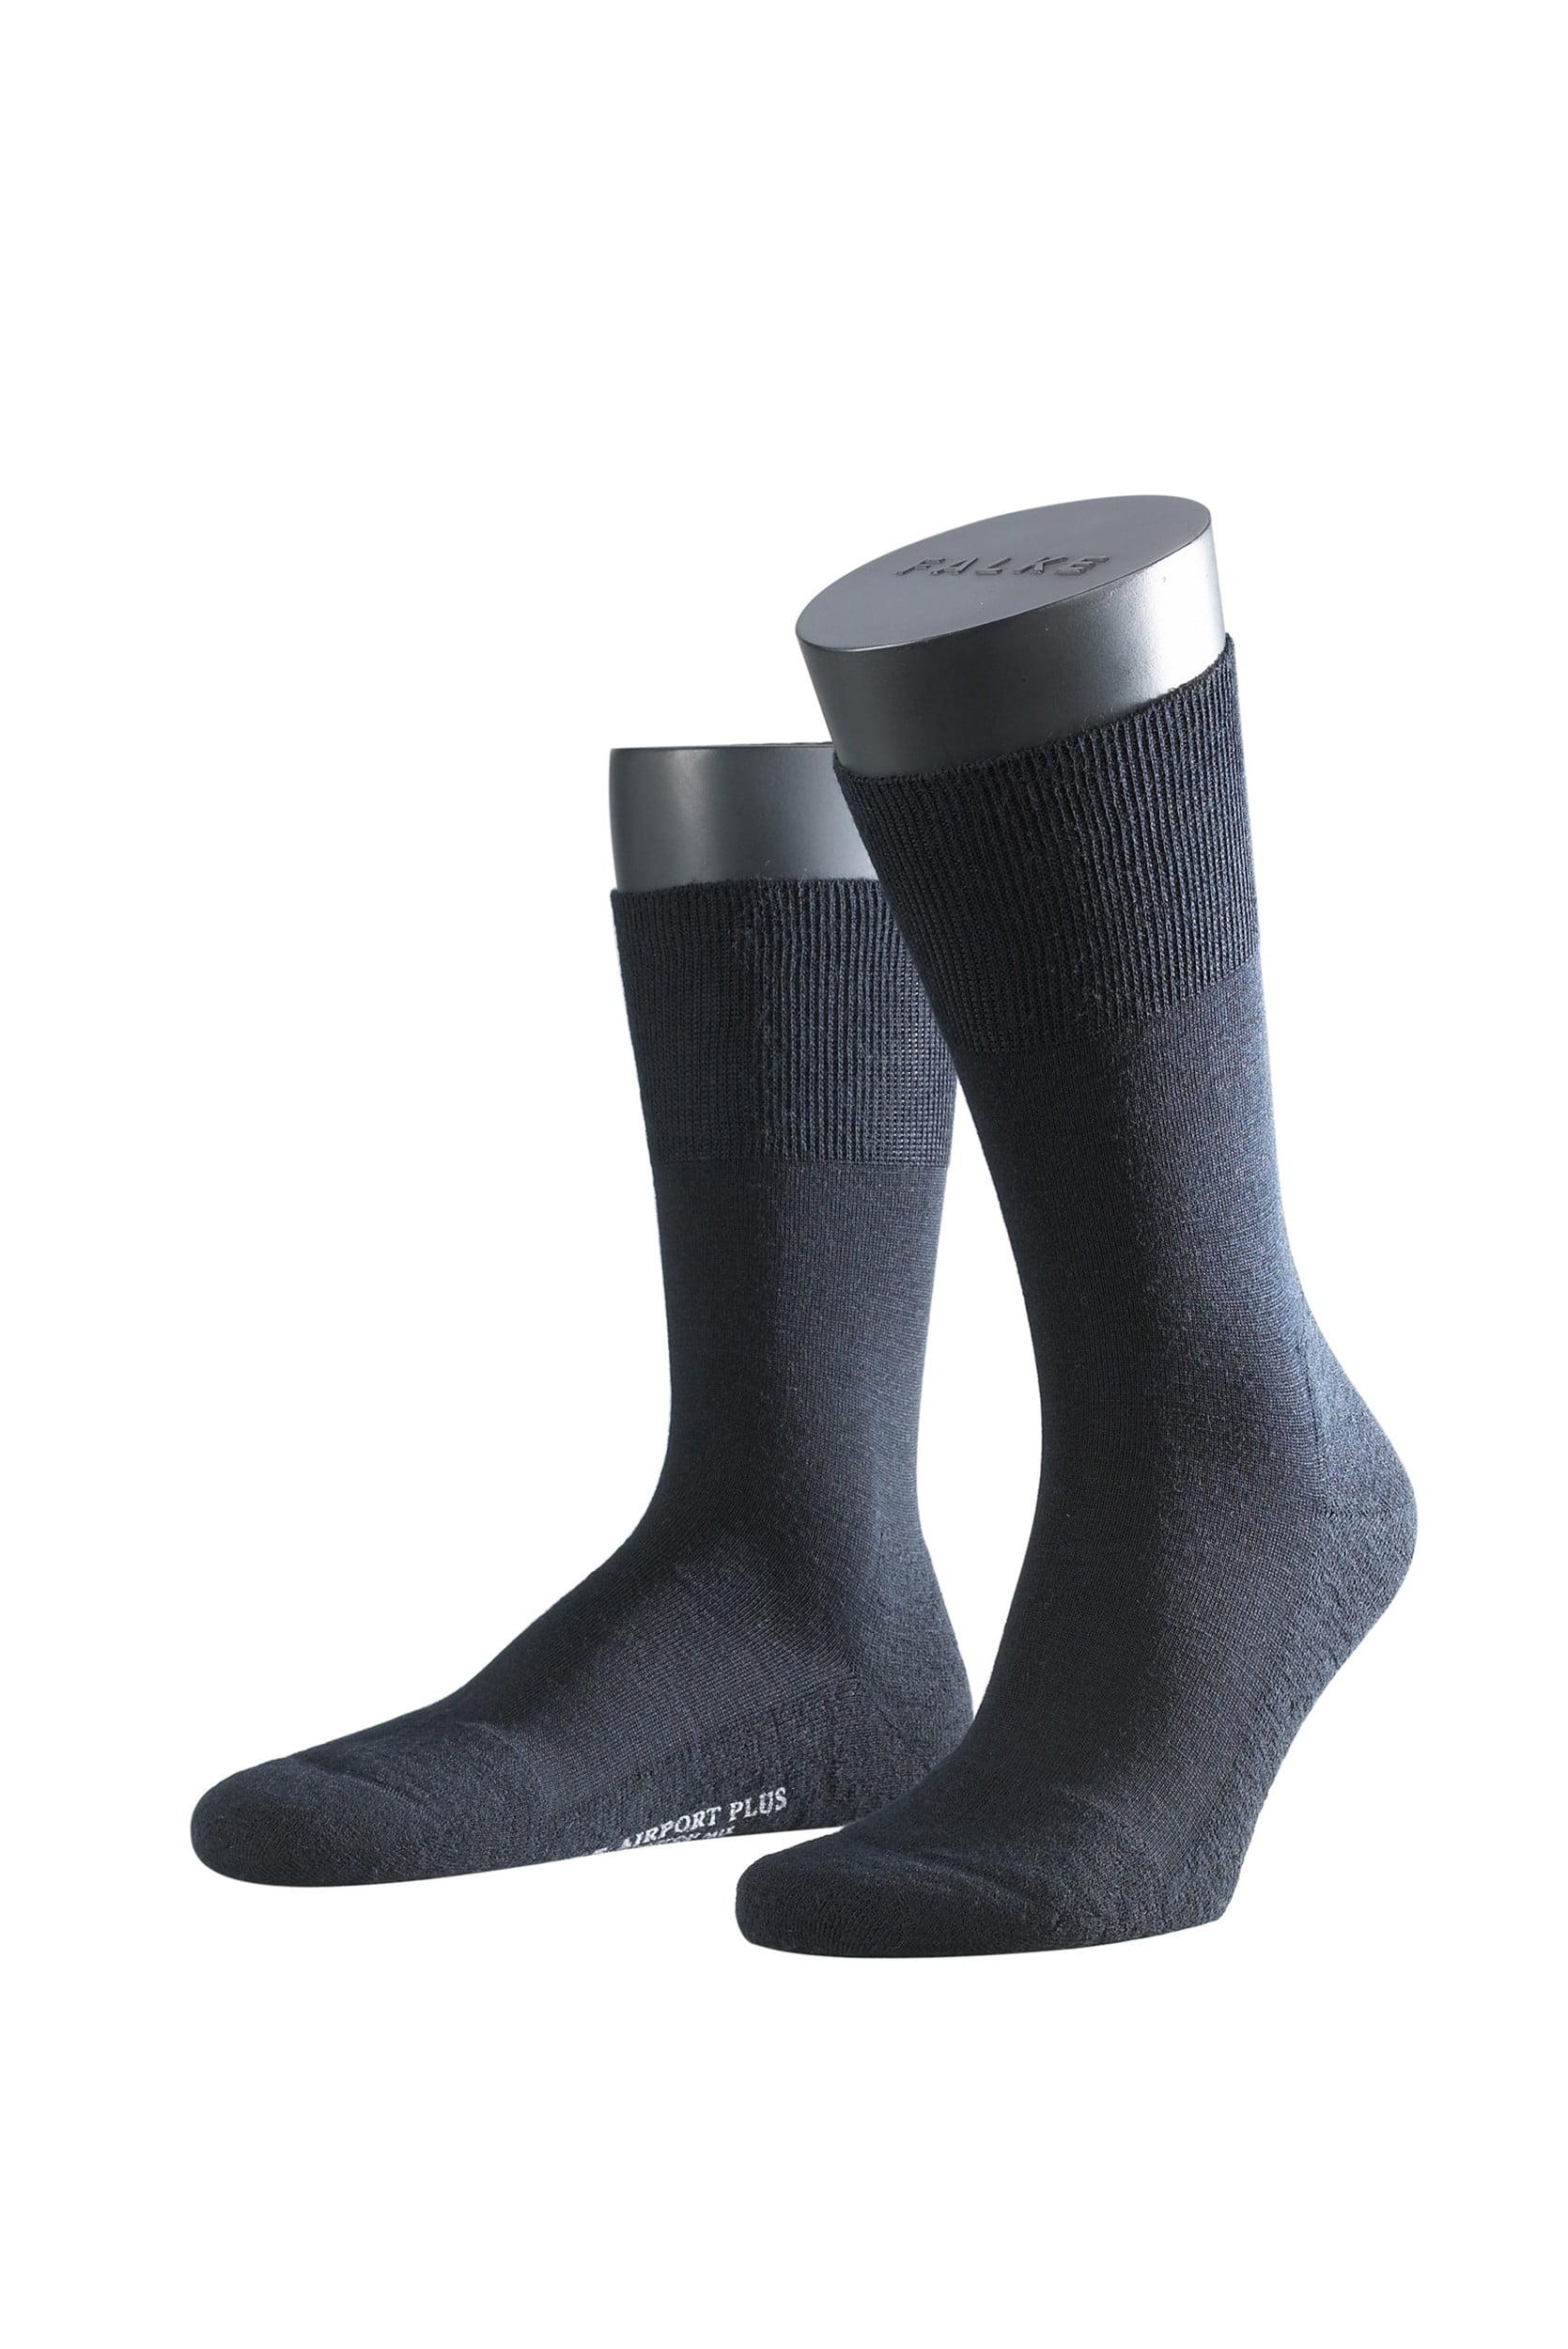 Мужские носки из шерсти мериноса с добавлением хлопка с элементами ручной работы черного цвета Falke 14403 Airport Plus (муж.) Черный